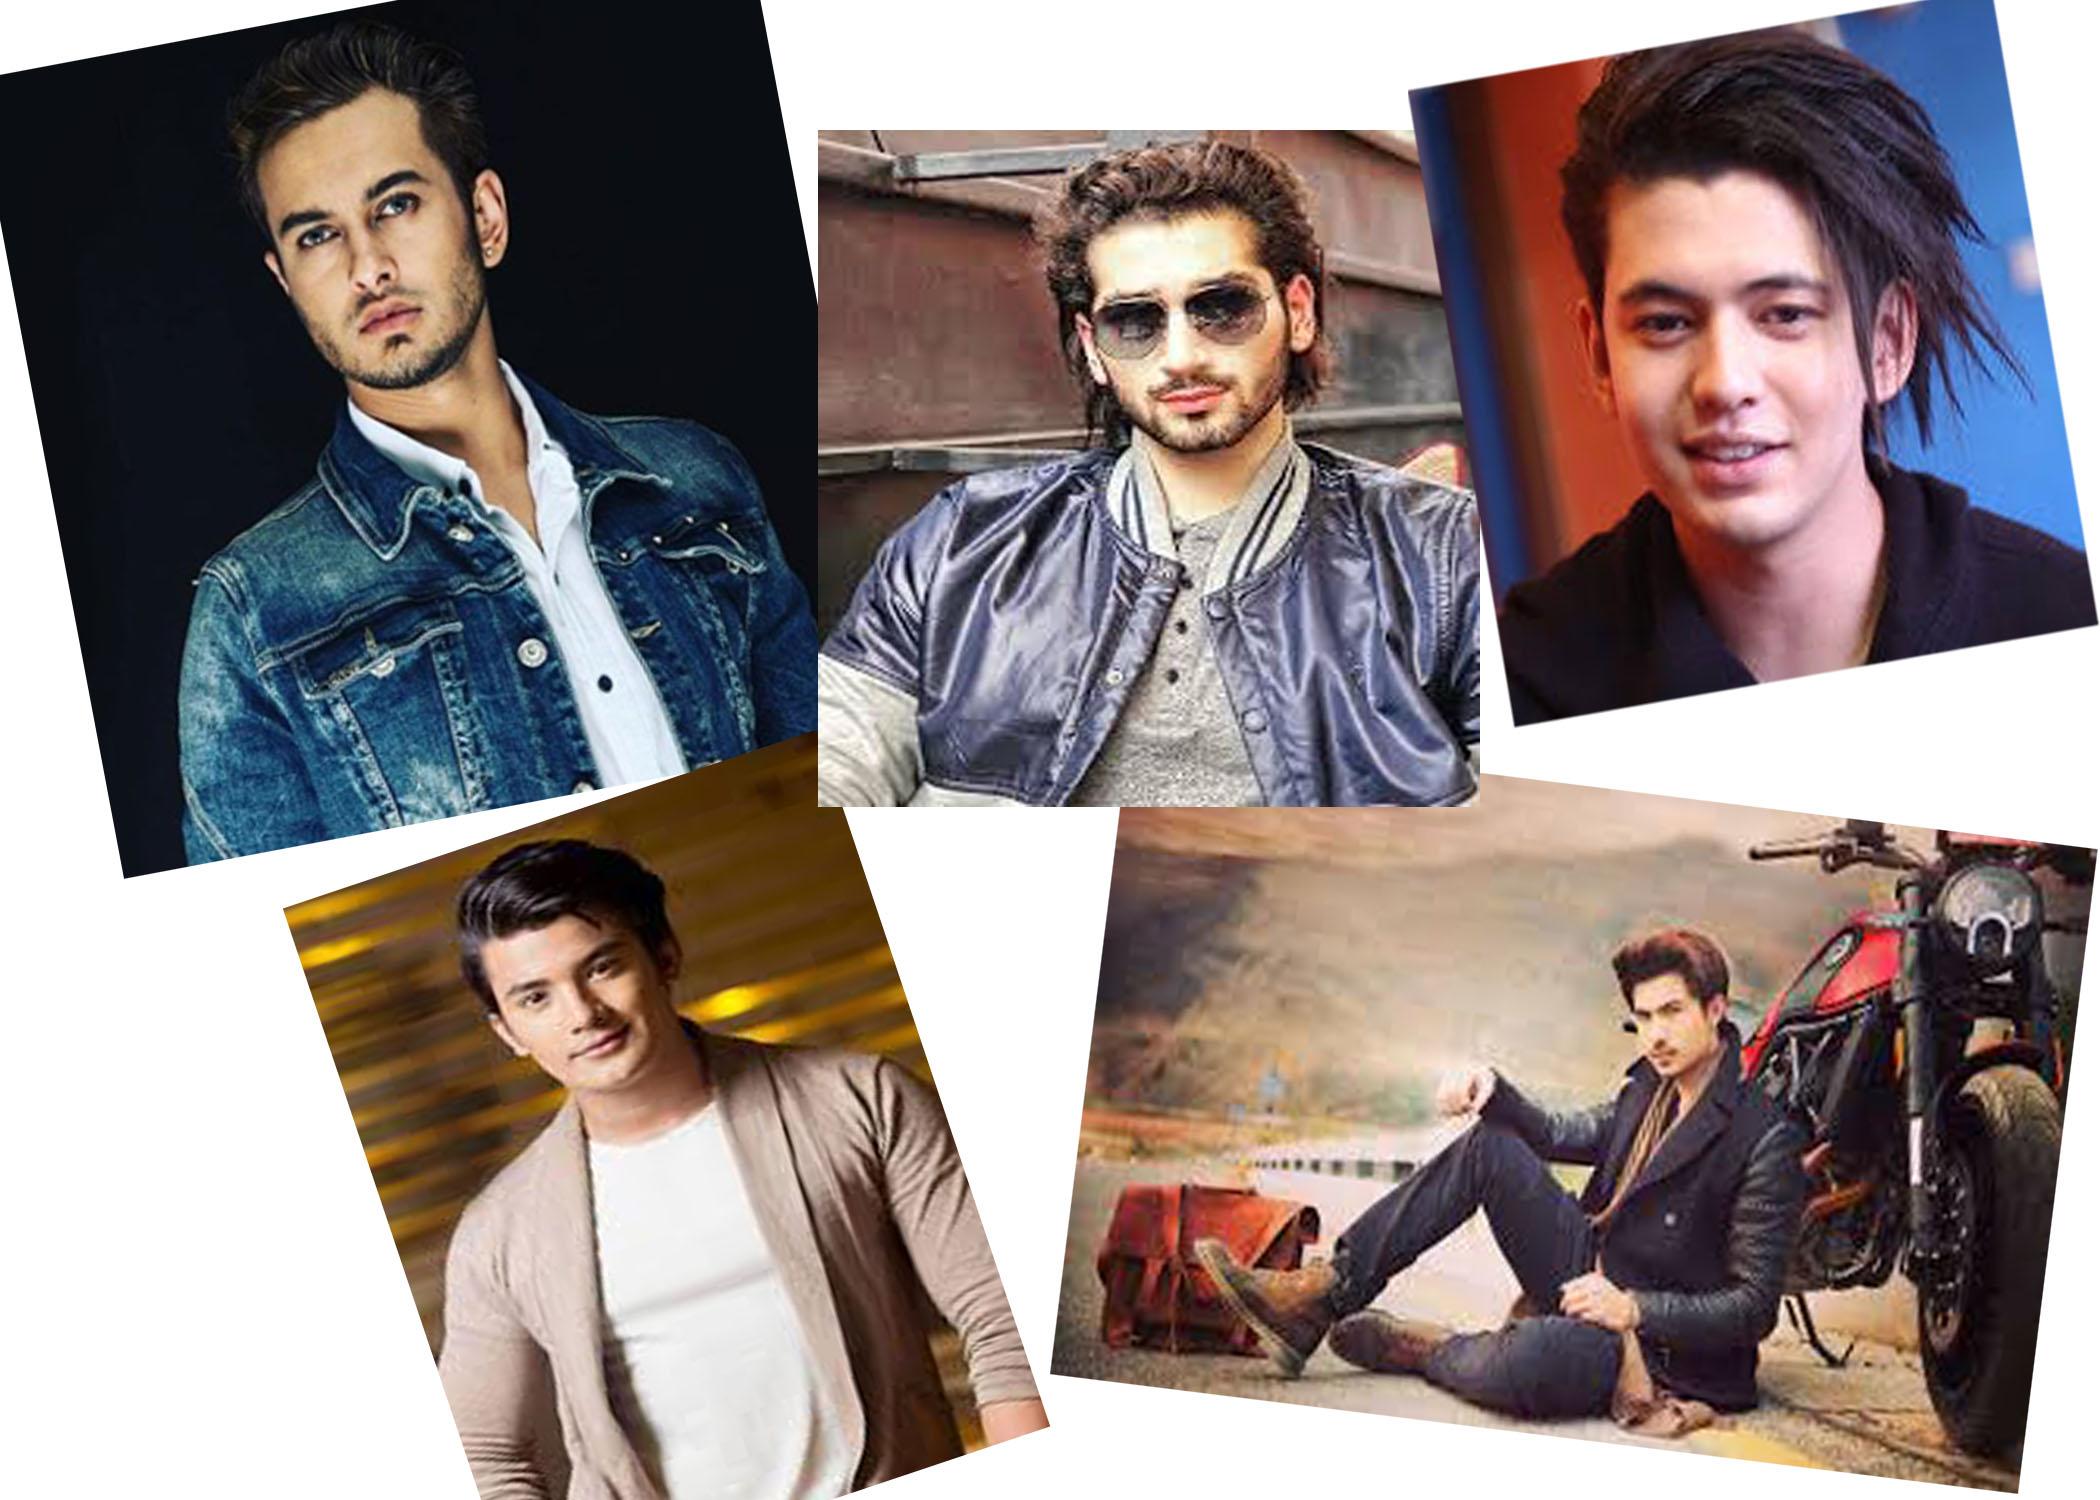 Top 5 most Handsome